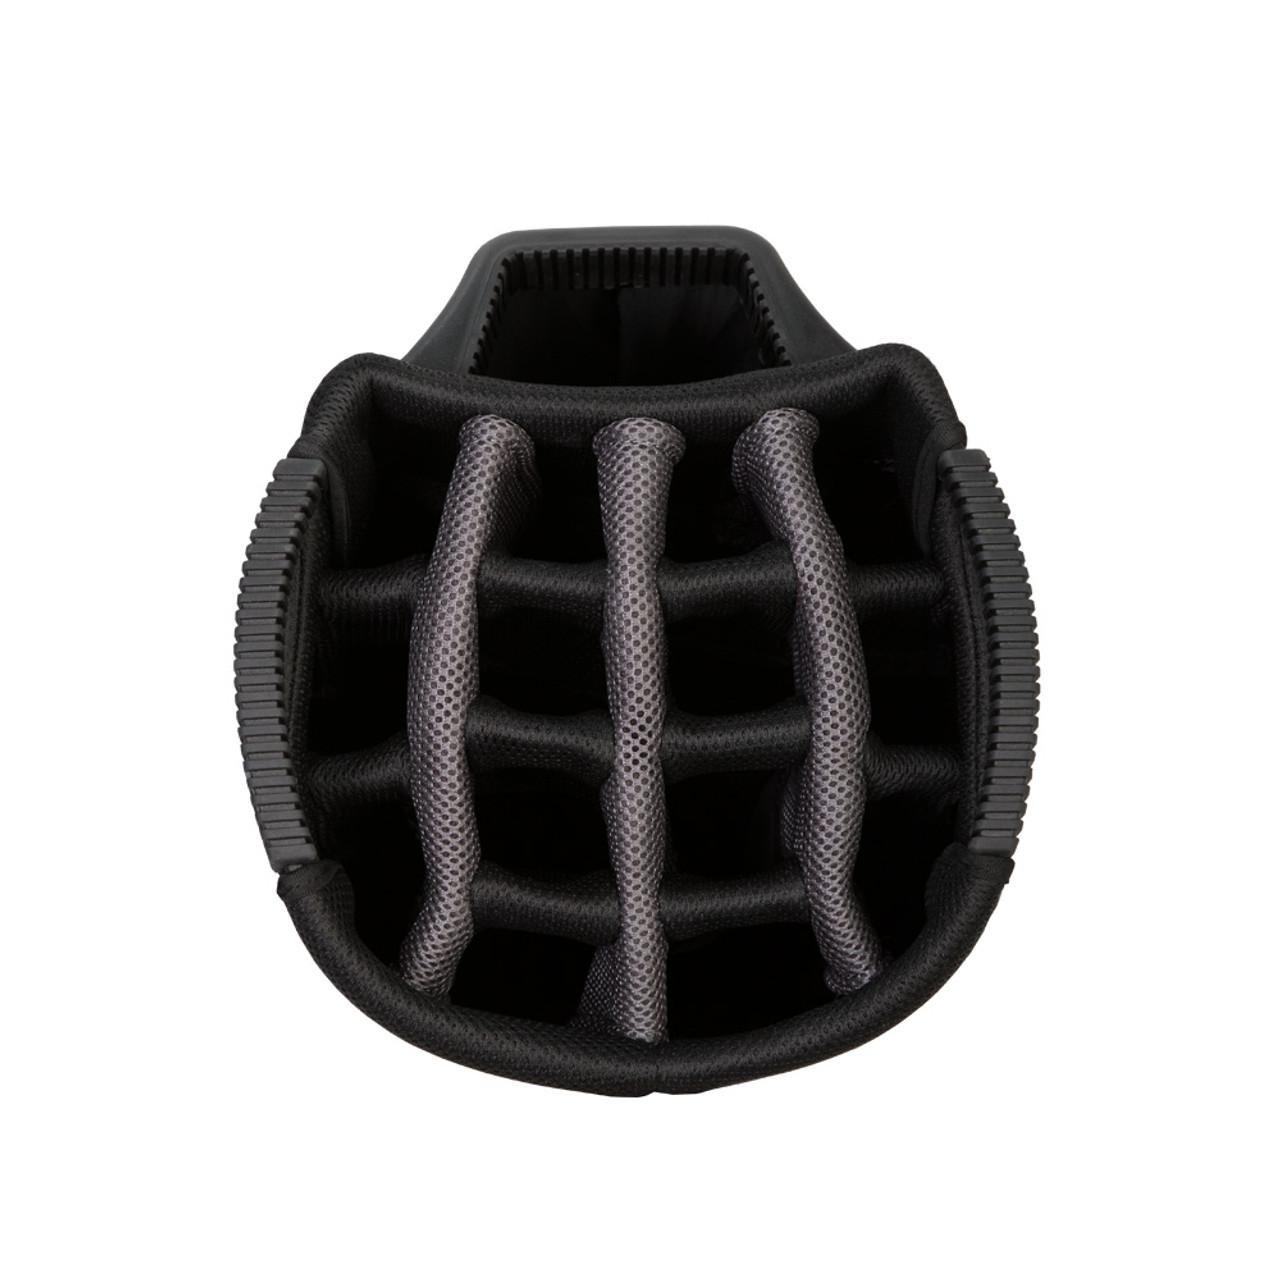 Cobra UltraDry Cart Bag - Top View